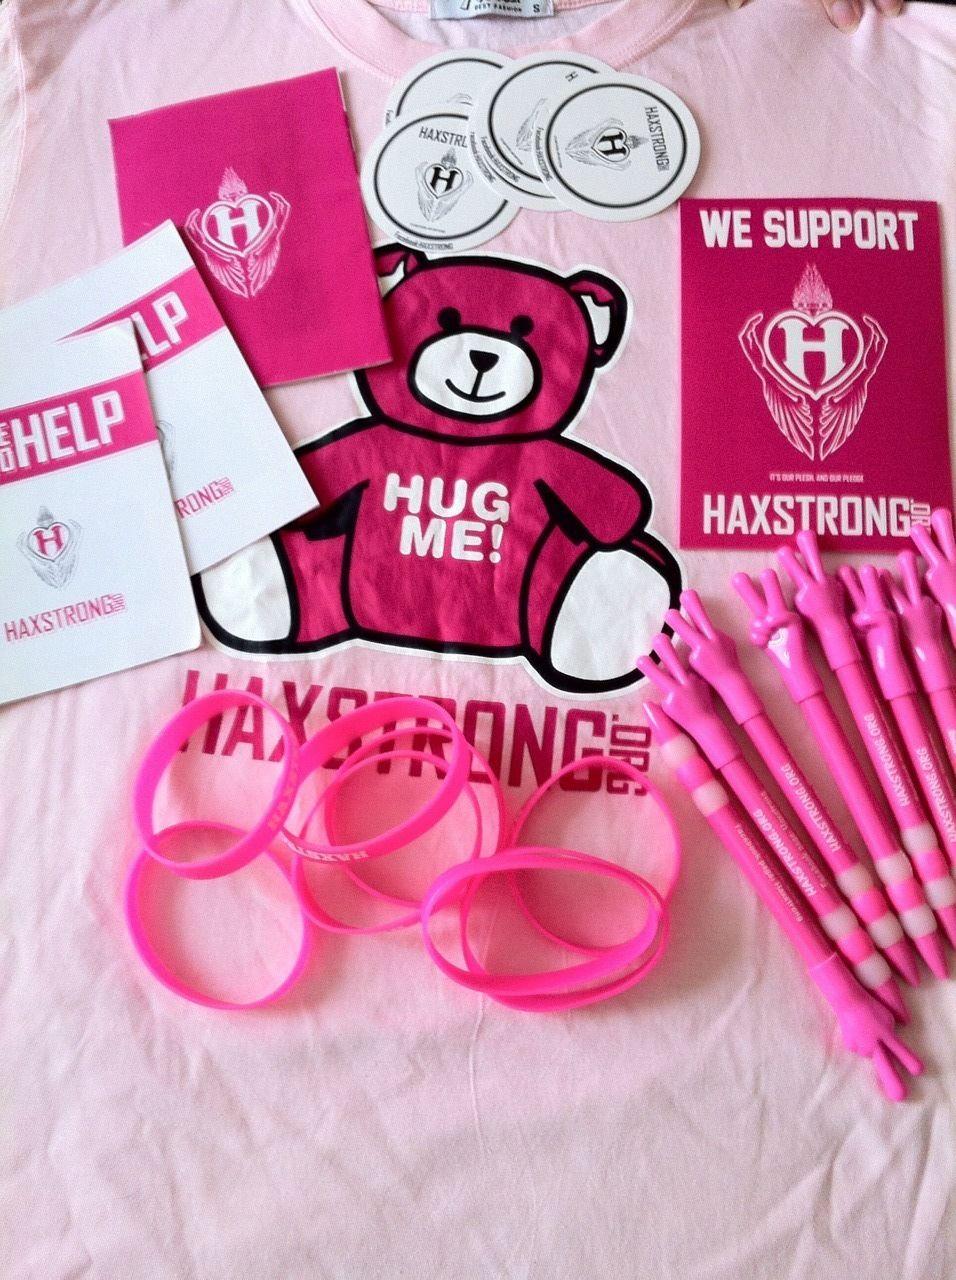 HAXSTRONG merchandise